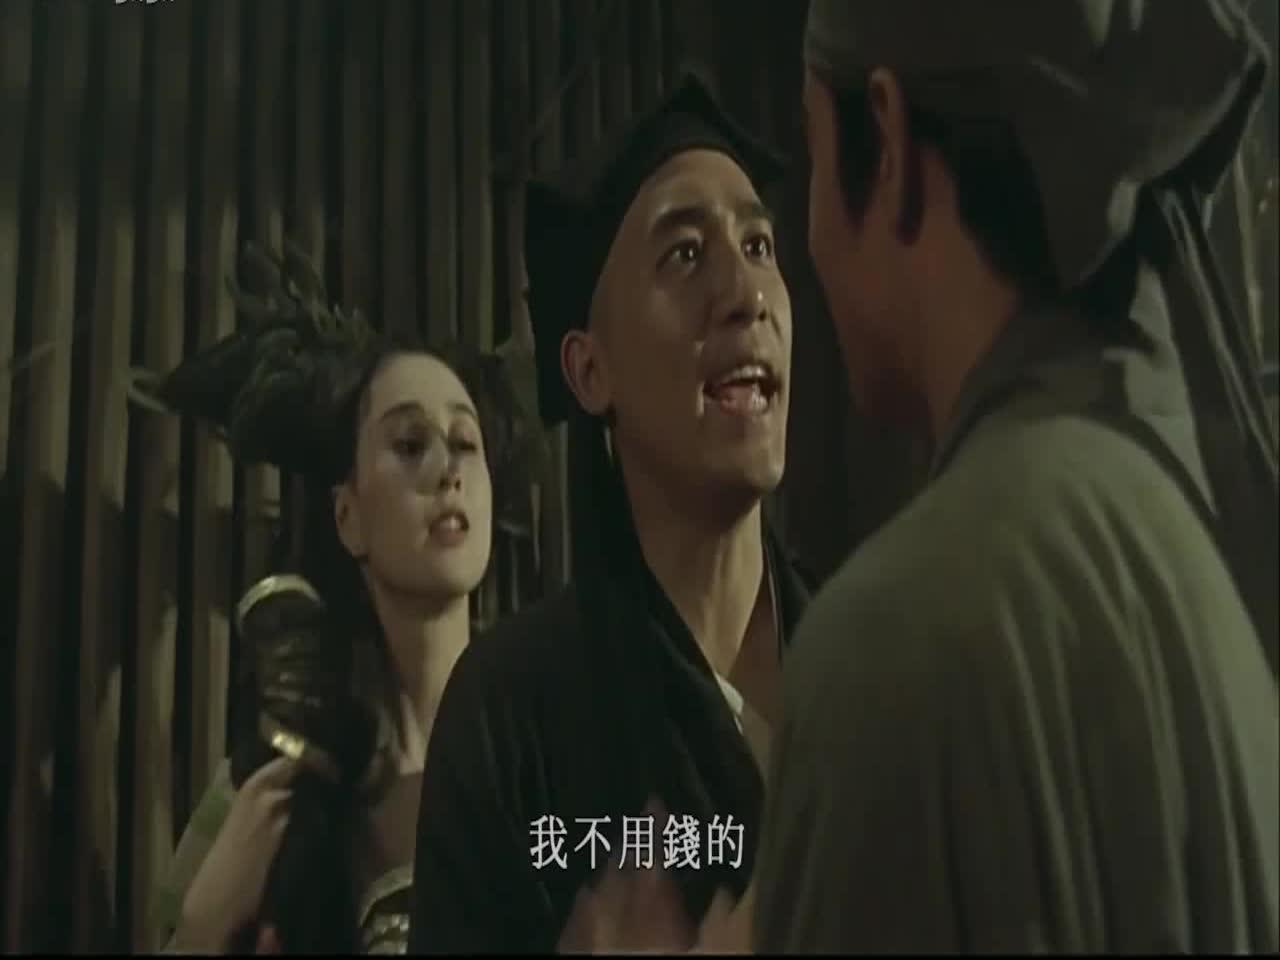 #高能 电影片段 #学友哥你可是歌神啊,矜持一点行吗